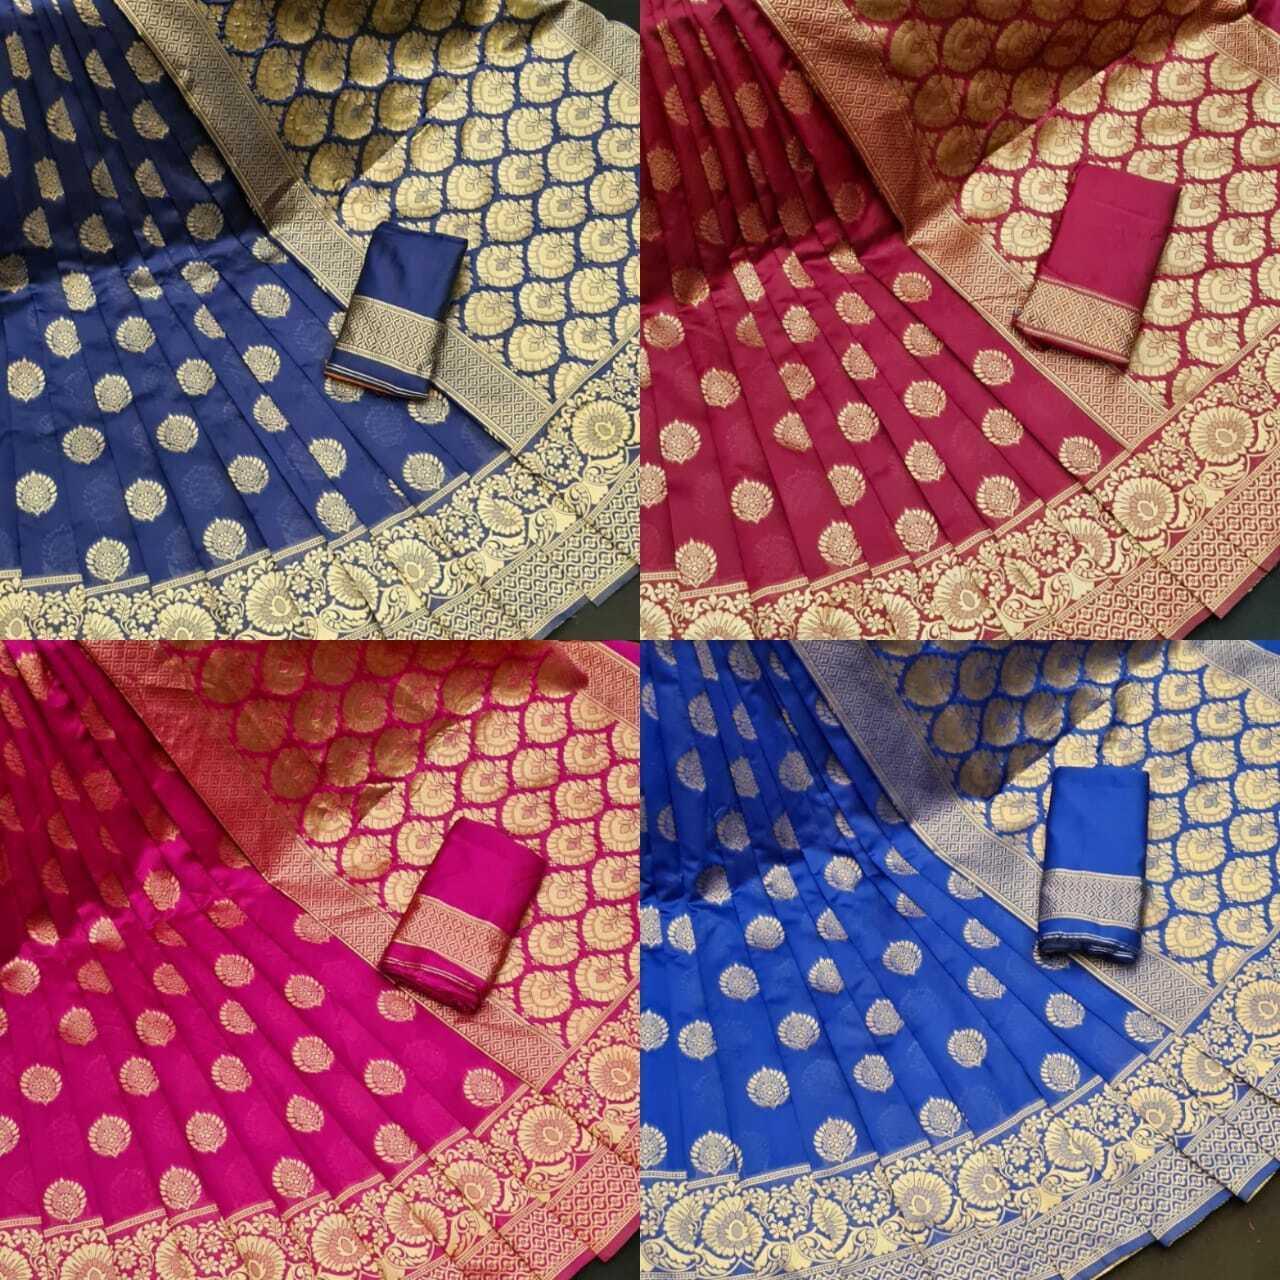 Sari Saree Indian Pakistani Bollywood Party Wear Women Designer Wedding Saree